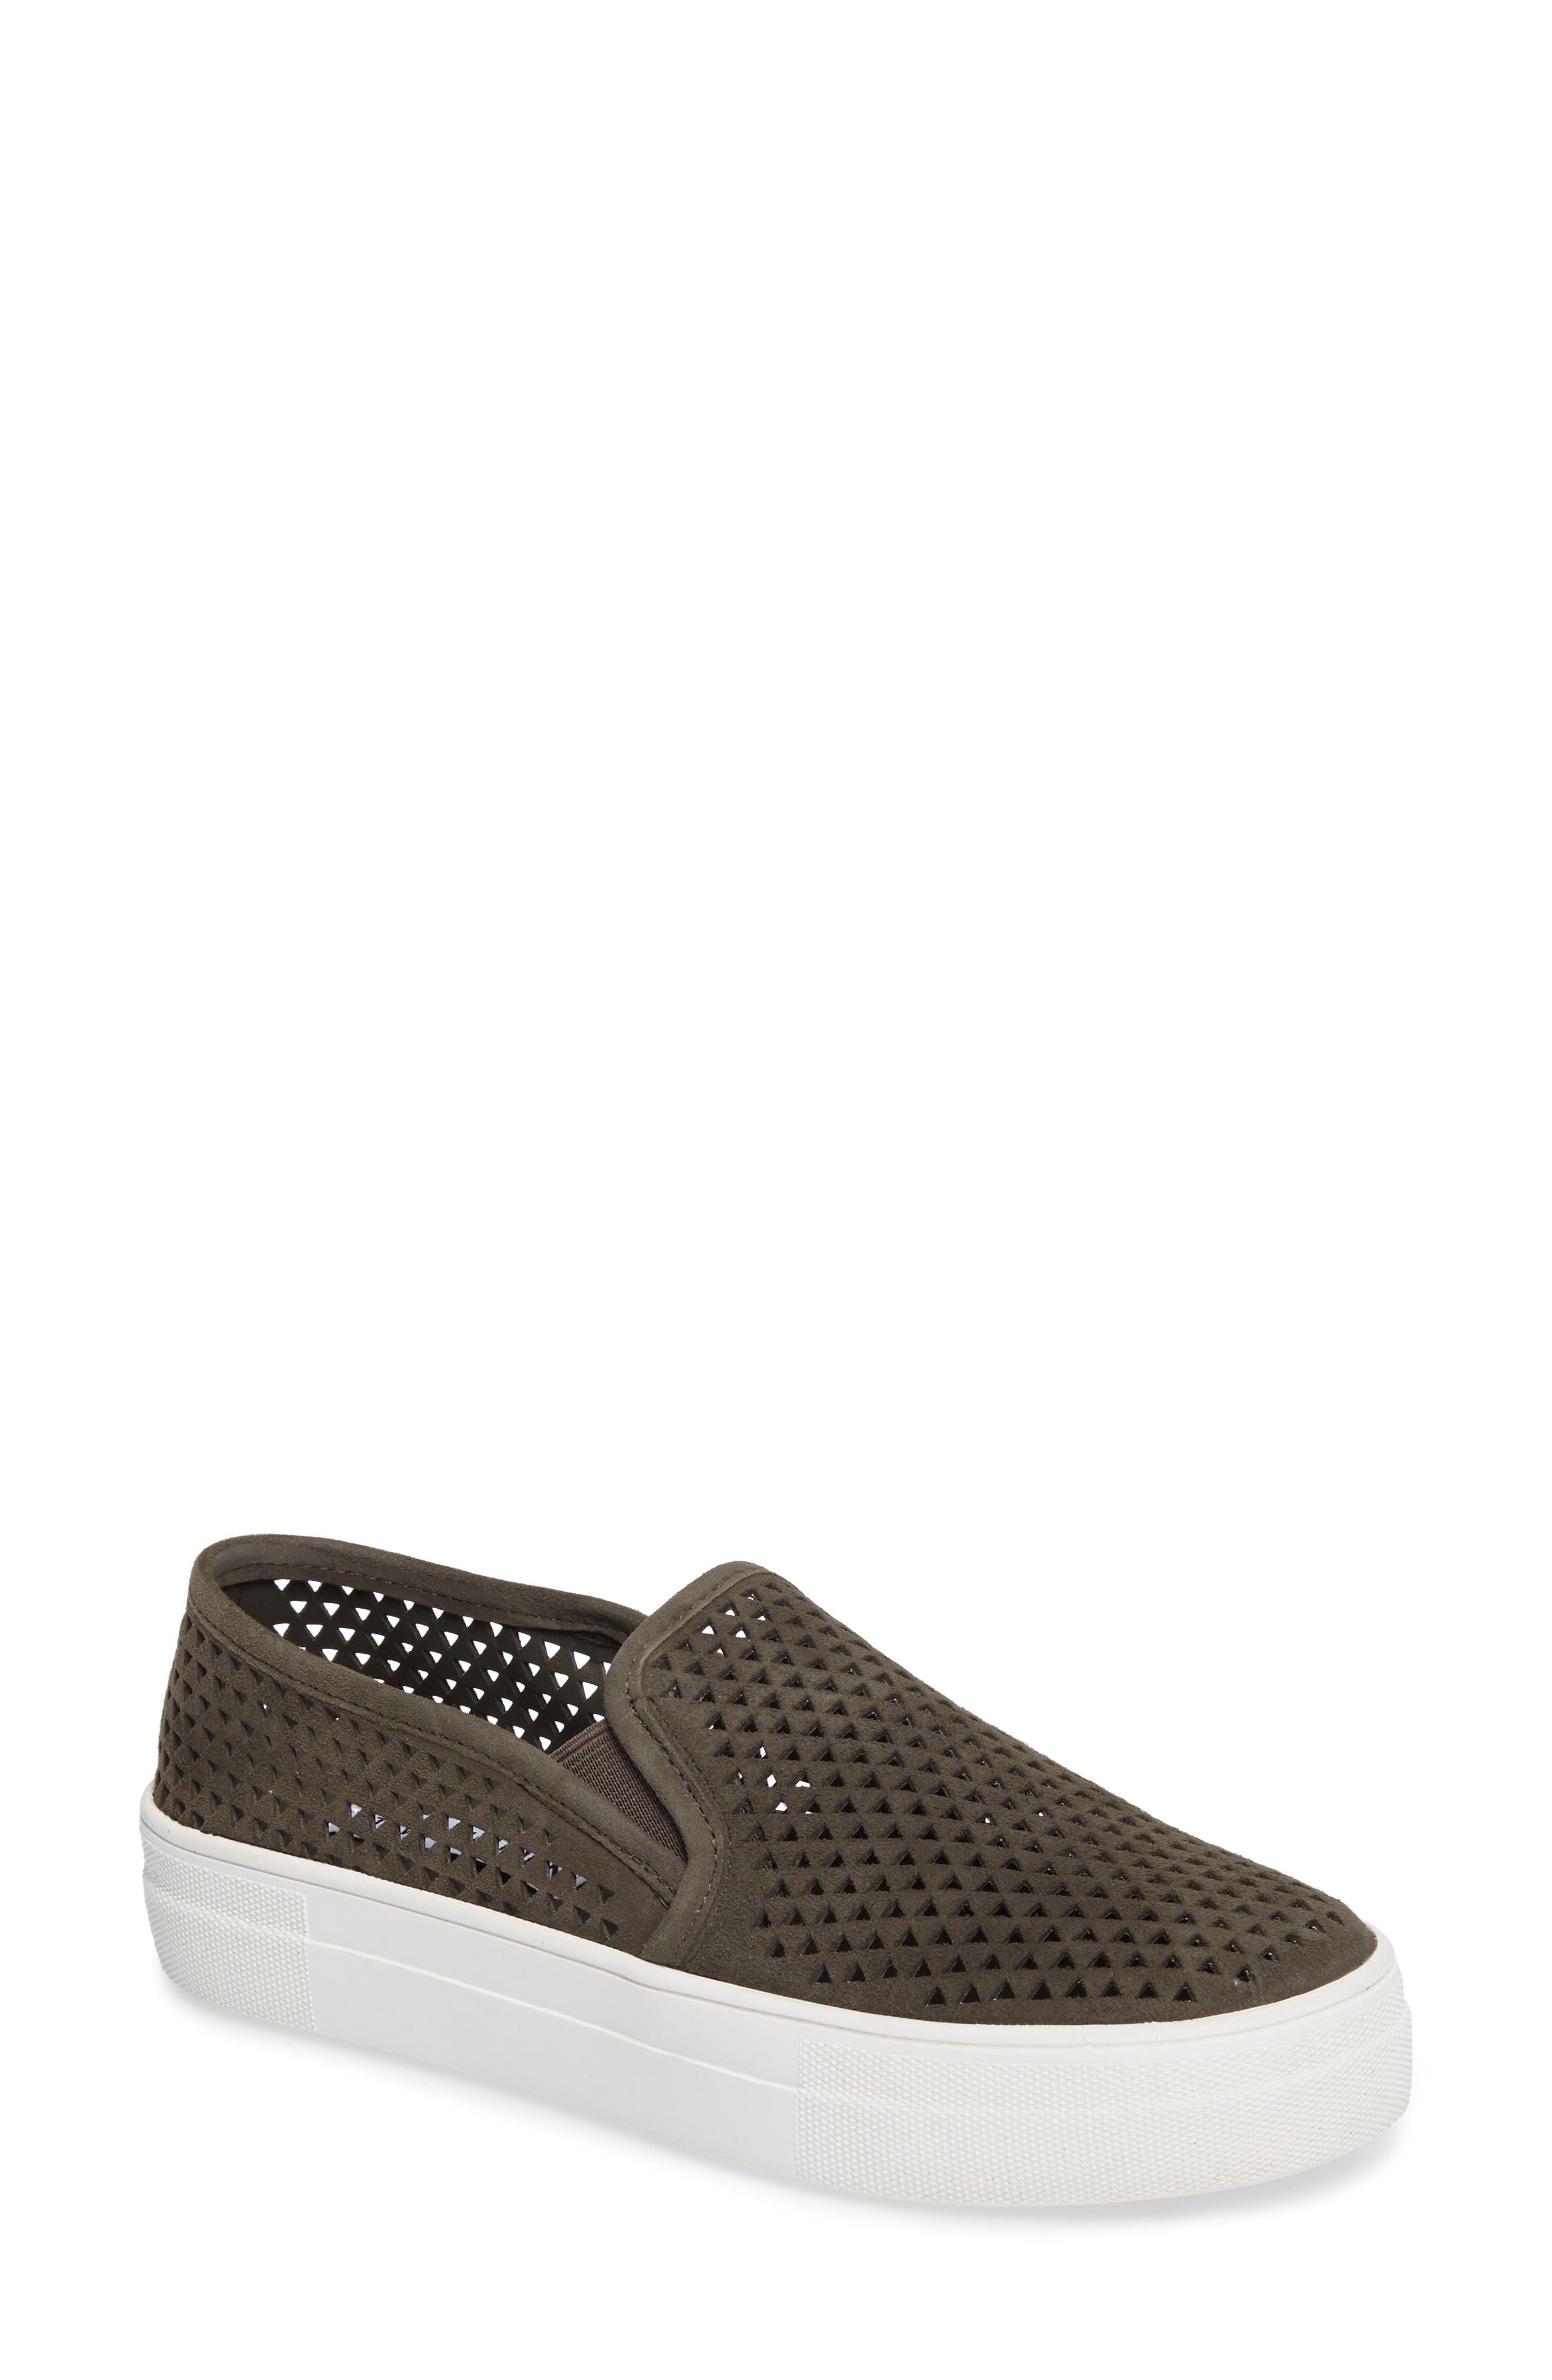 Steve Madden Gills Perforated Slip-On Sneaker (Women)